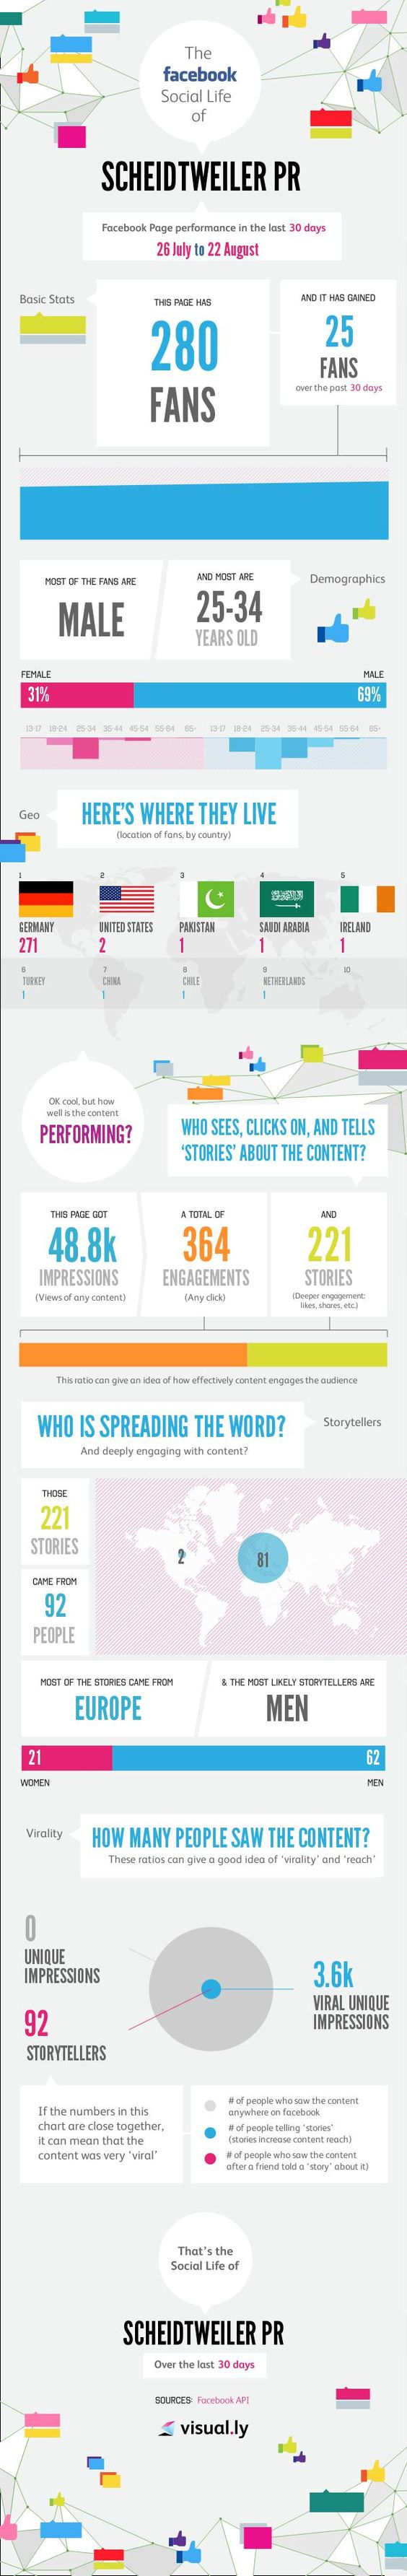 Infografik: Scheidtweiler PR bei Facebook